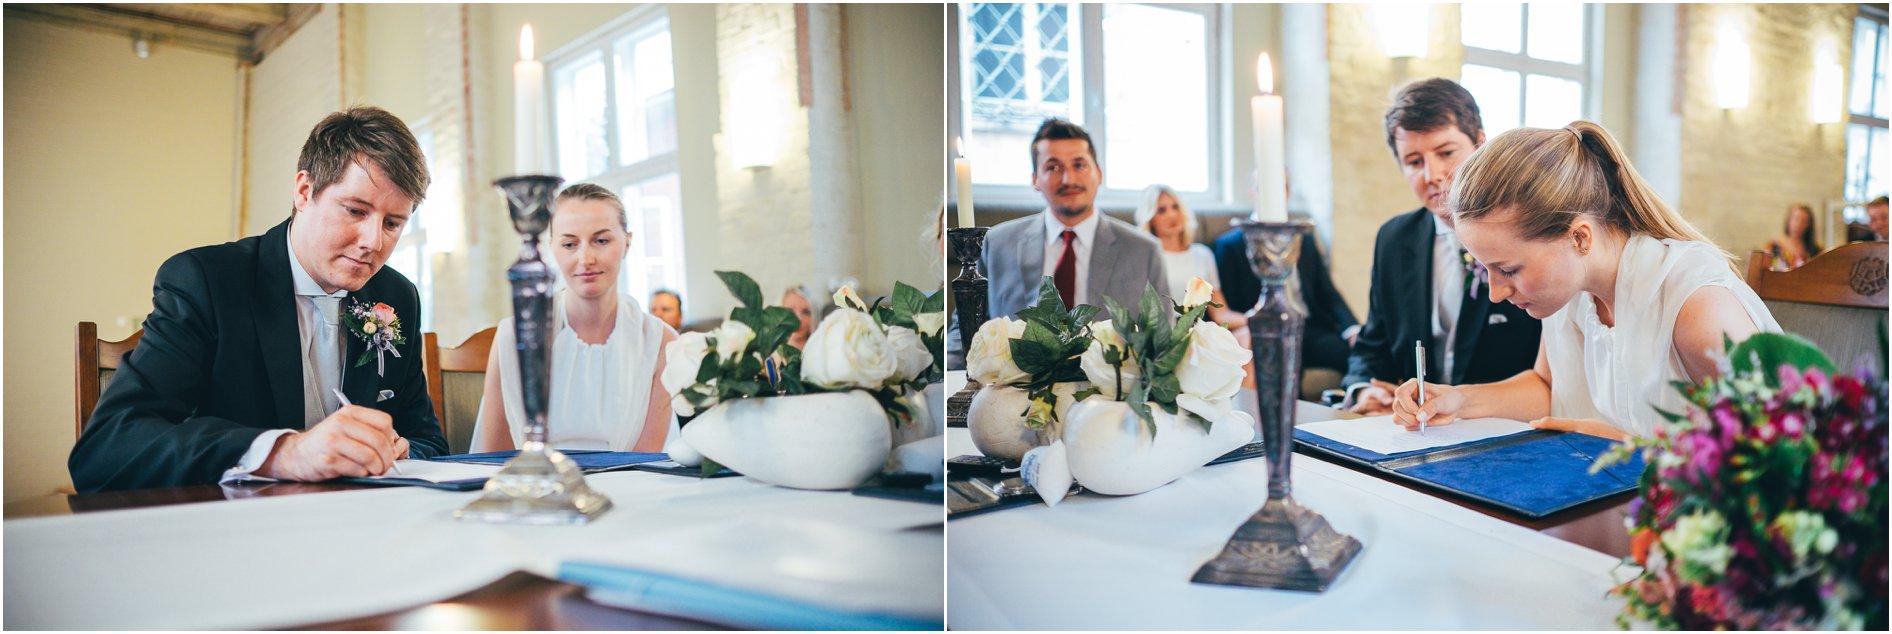 2014-10-13_0022 Jenny & Matthias - Hochzeitsfotograf auf Gut Bardenhagen